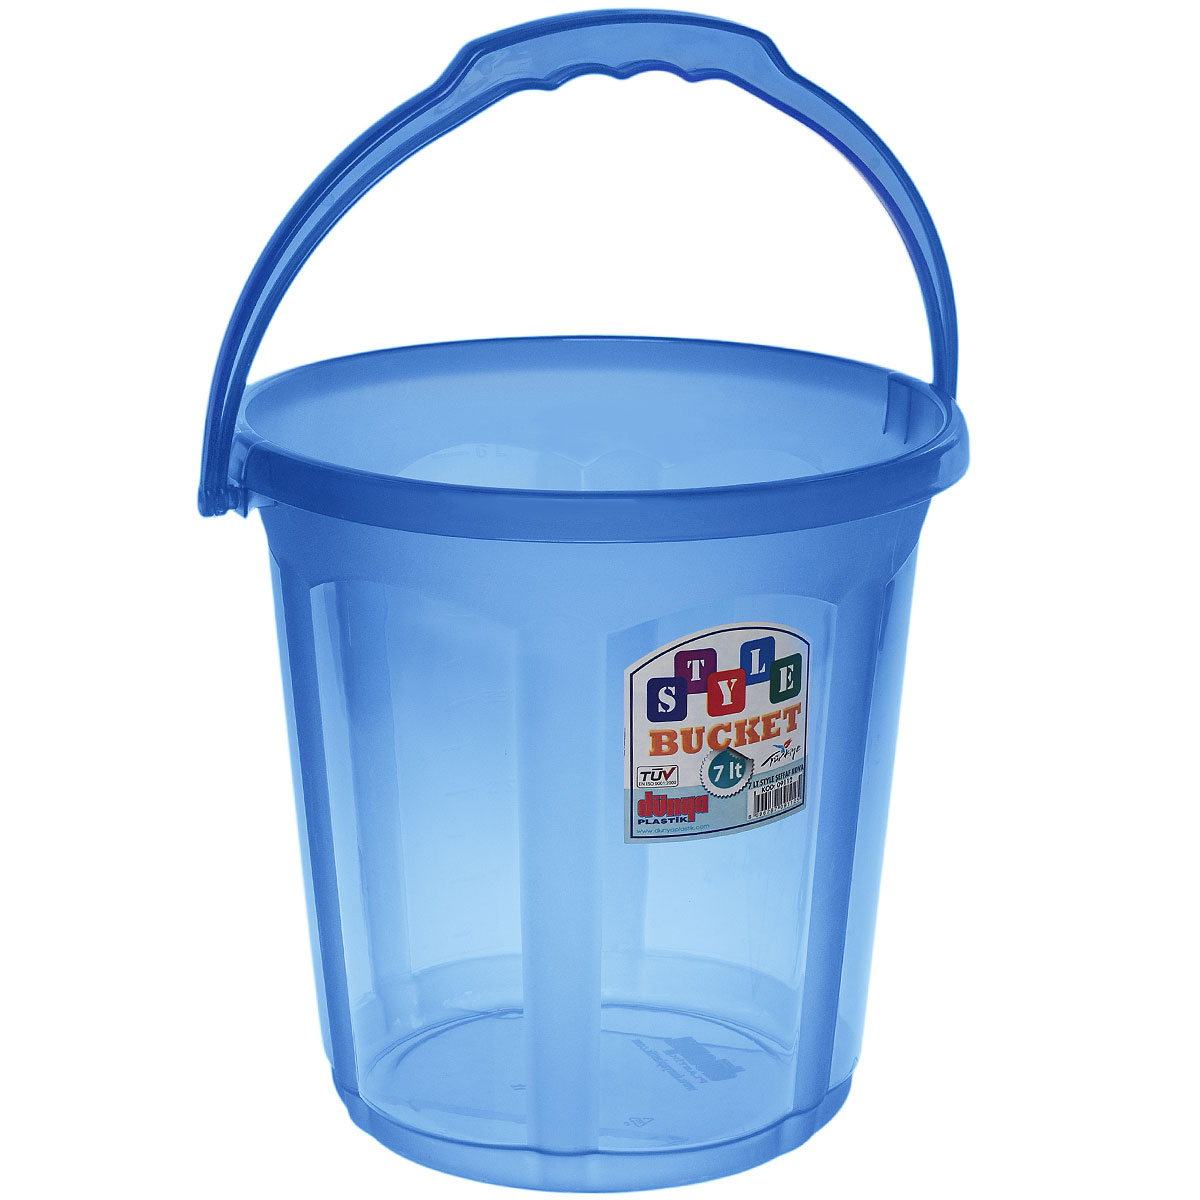 Ведро Dunya Plastik Стиль, цвет: синий, 7 л09112Ведро Dunya Plastik Стиль изготовлено из прочного цветного пластика. Изделие оснащено эргономичной ручкой. Такое ведро прекрасно подойдет для различных хозяйственных нужд: для уборки или хранения мусора.Диаметр ведра (по верхнему краю): 23,5 см.Высота ведра : 24 см.